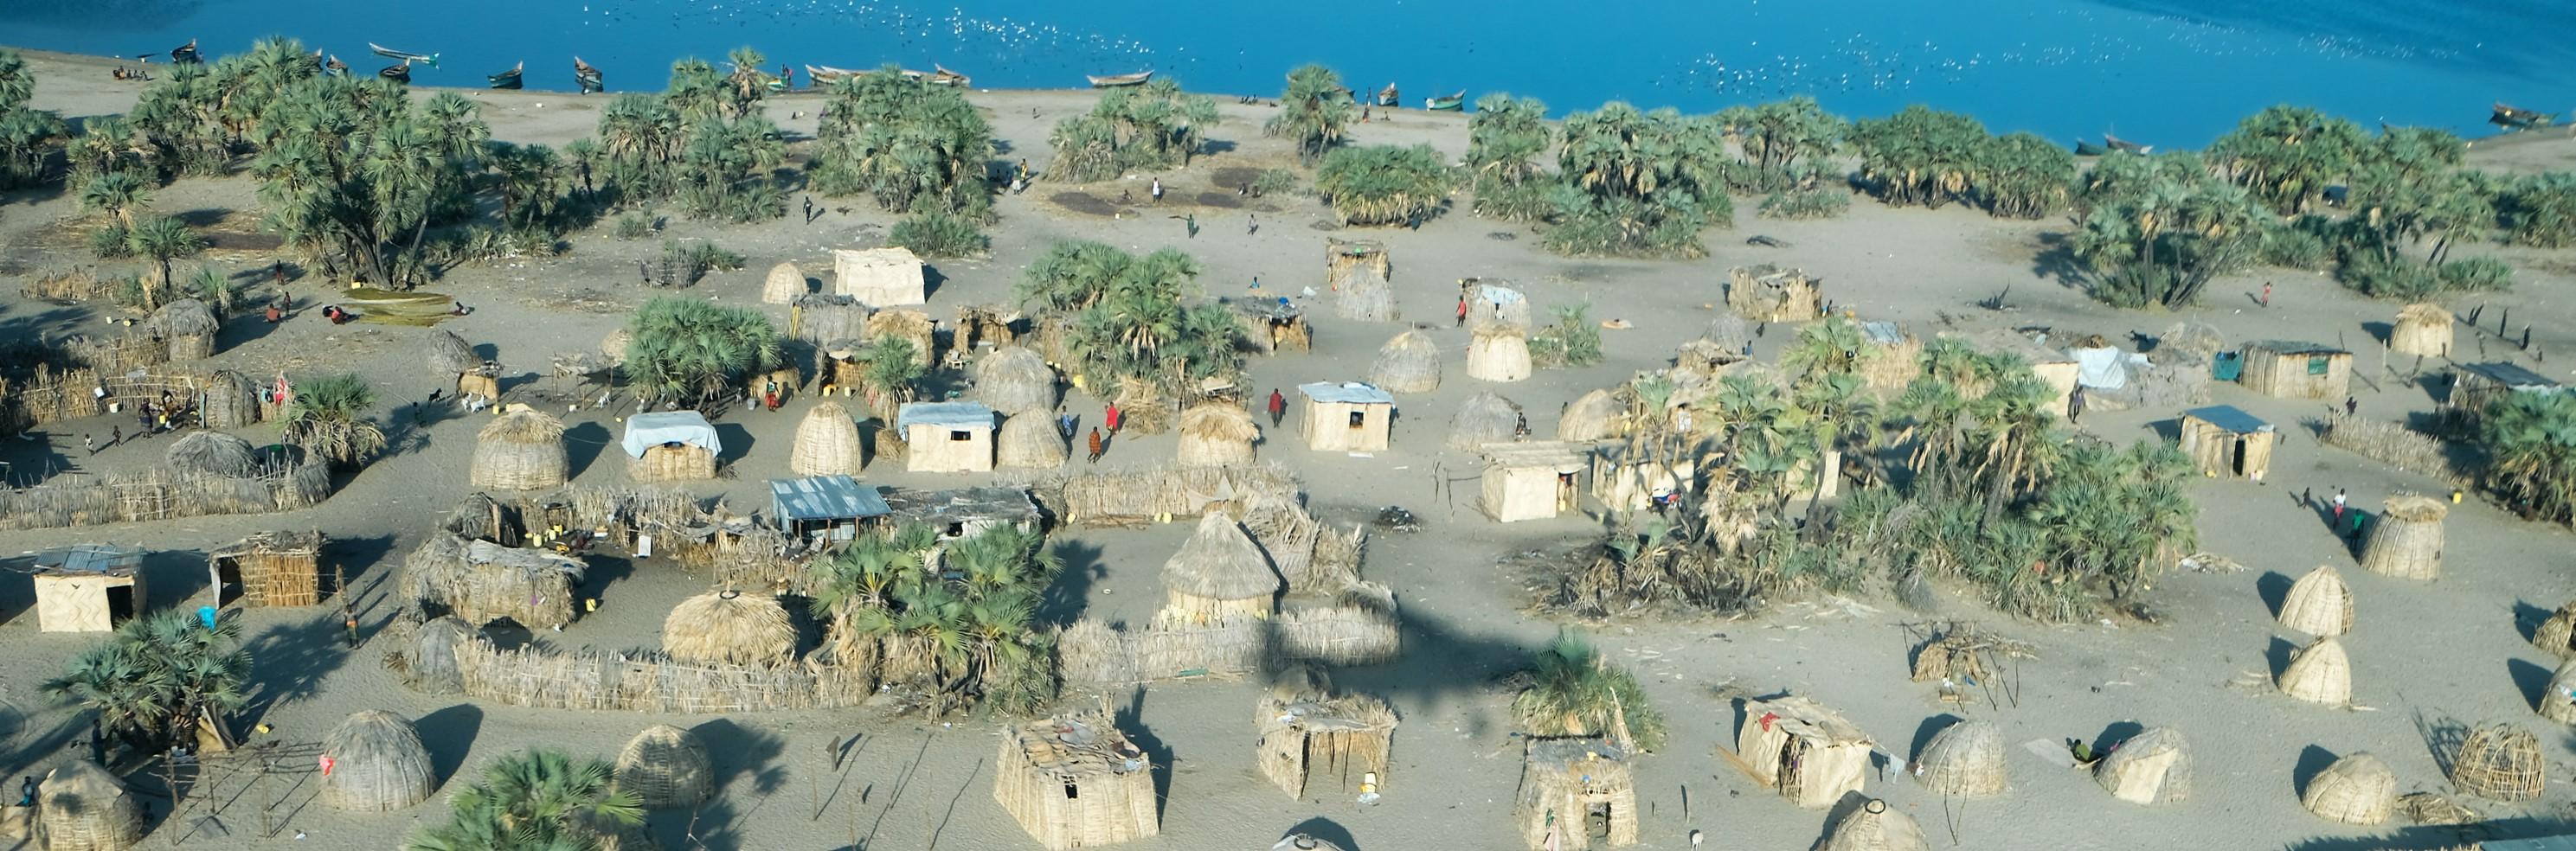 Turkanasee